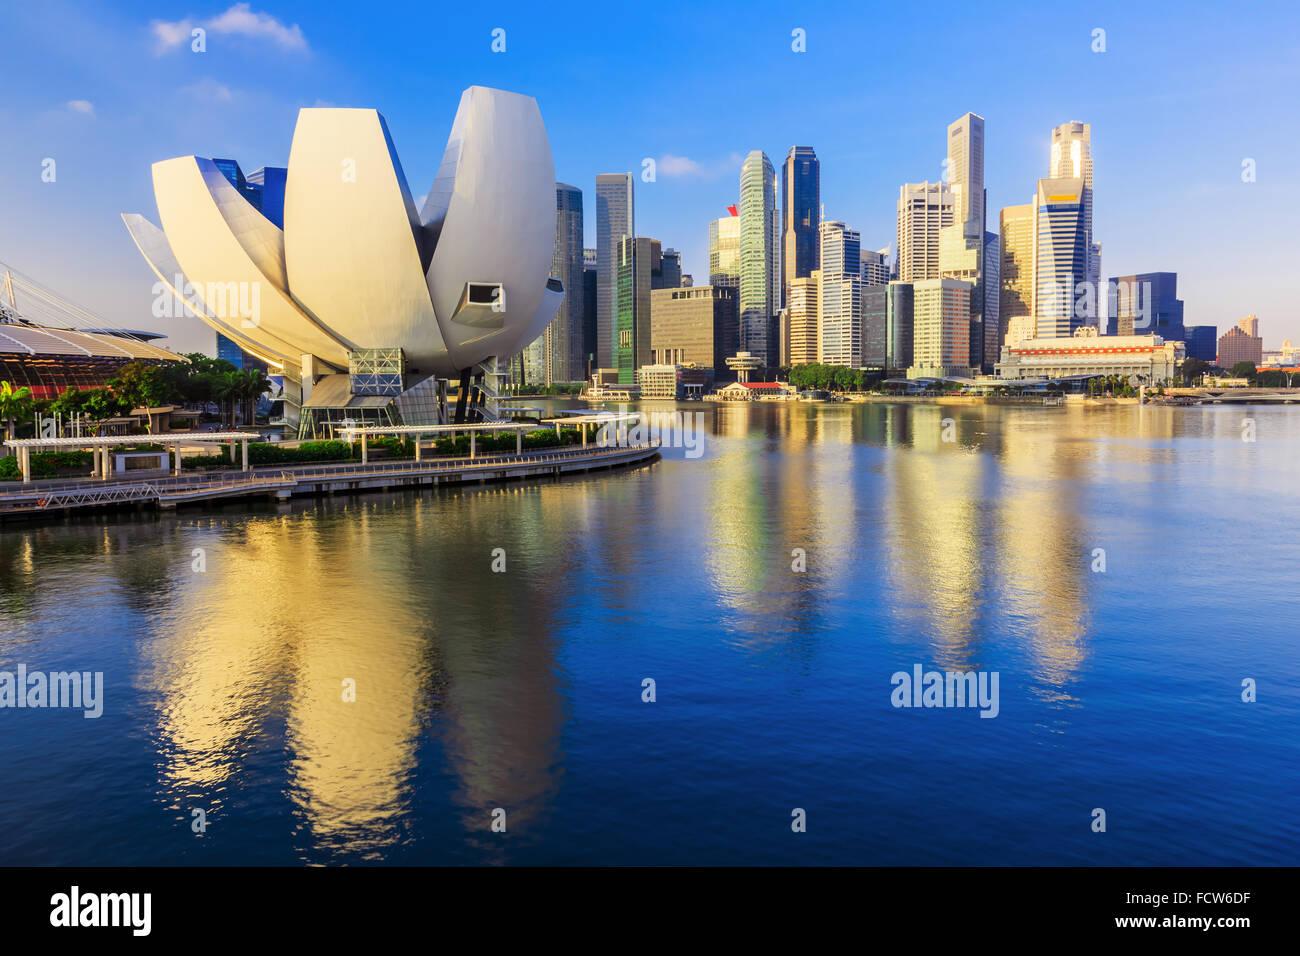 Ciudad de Singapur, Singapur. Marina Bay y el horizonte. Imagen De Stock